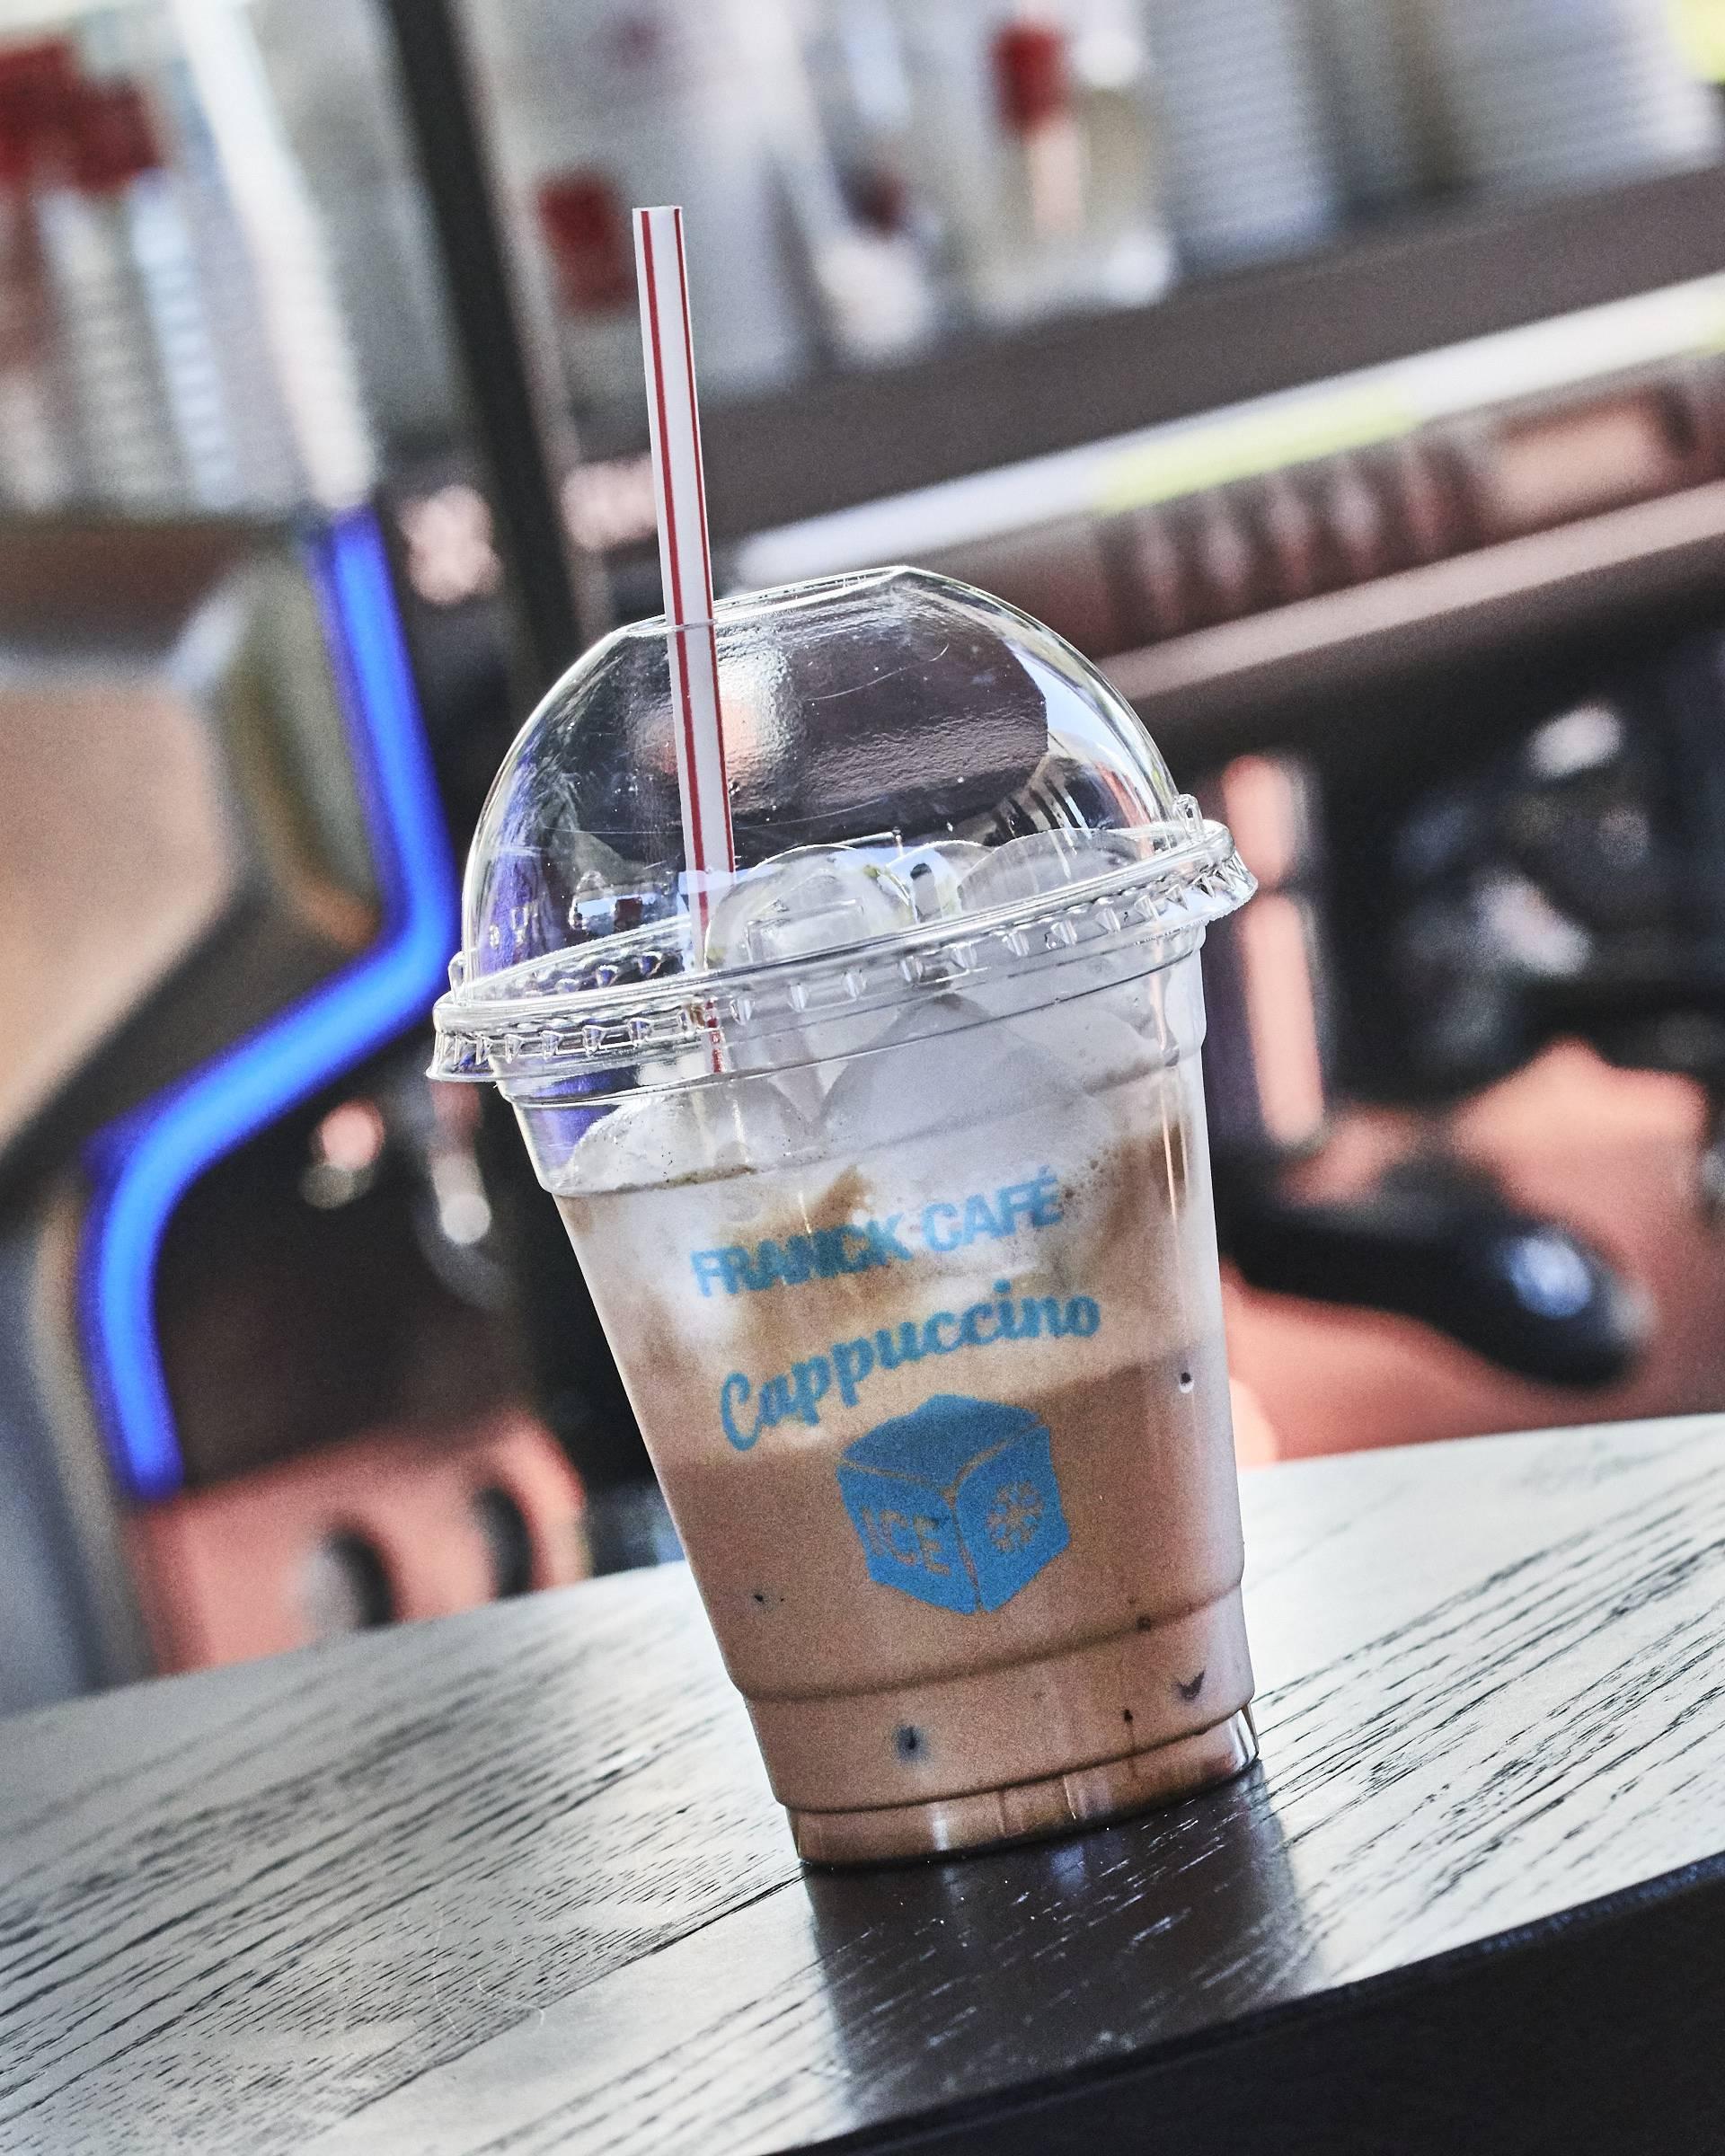 Ovoga ljeta osvježite se uz ledeni Franck Café cappuccino